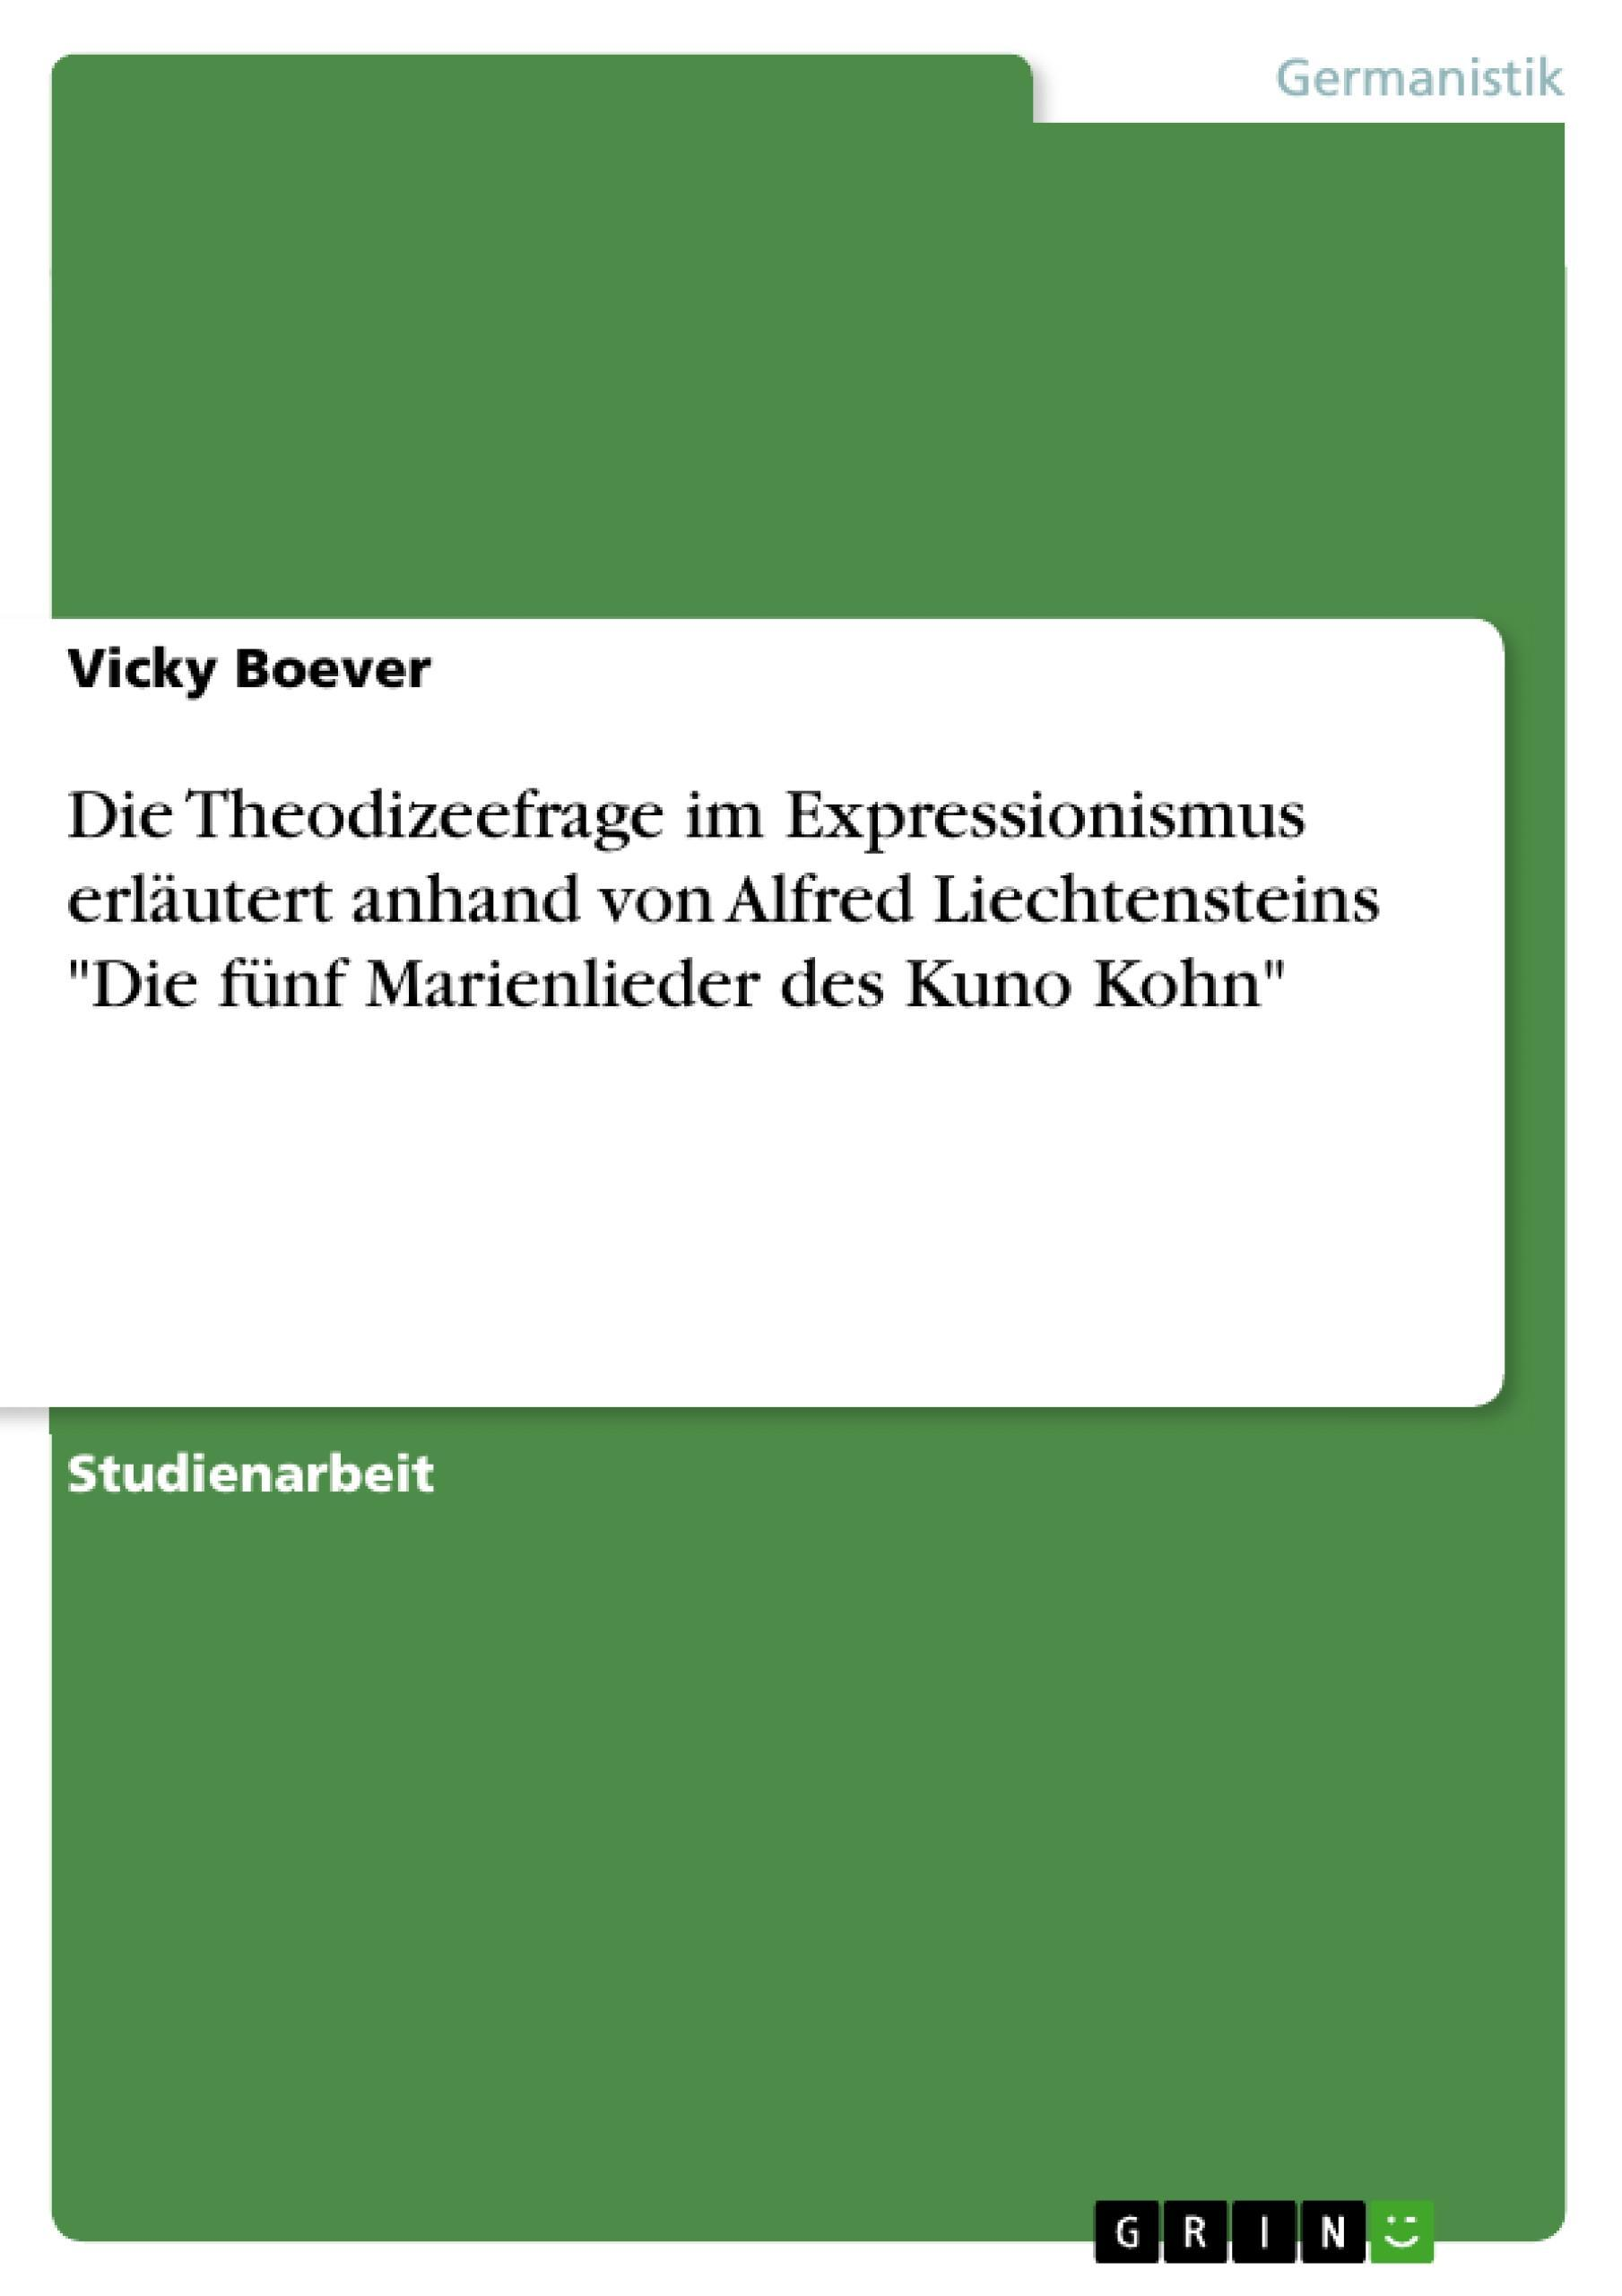 Die Theodizeefrage im Expressionismus erläutert anhand von Alfred Liechtens ...